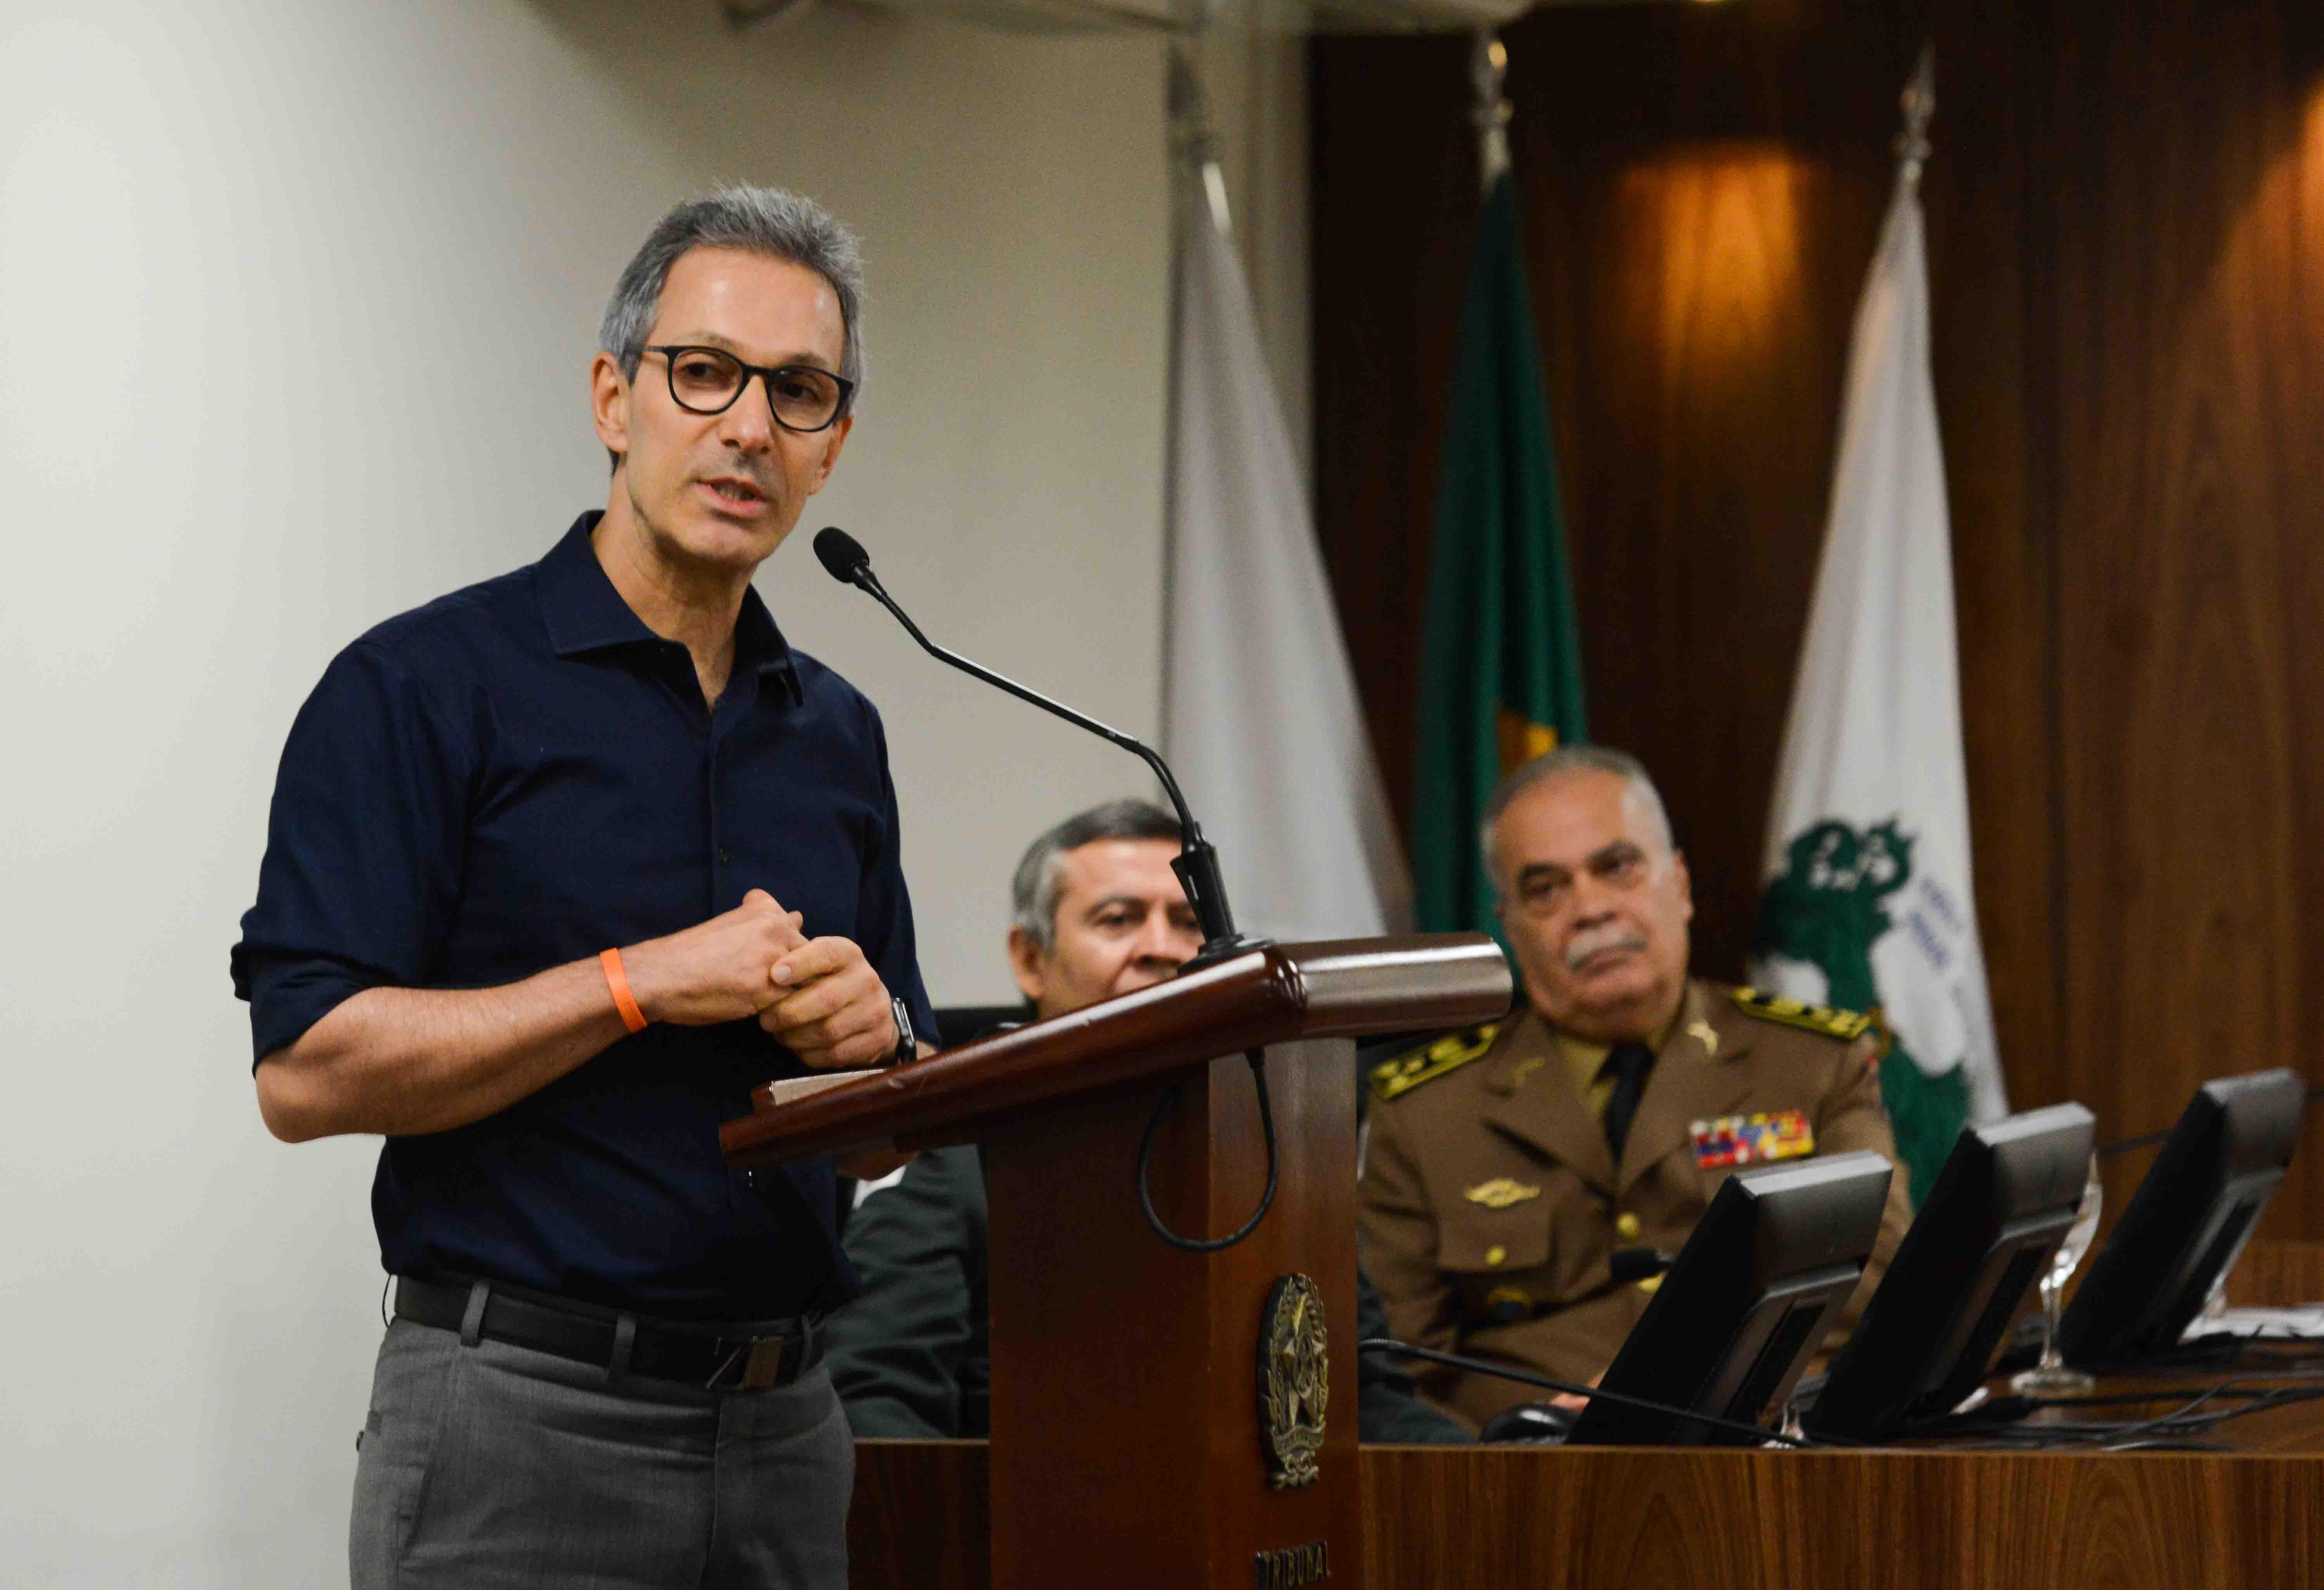 Governador destaca importância do papel do Tribunal de Justiça Militar